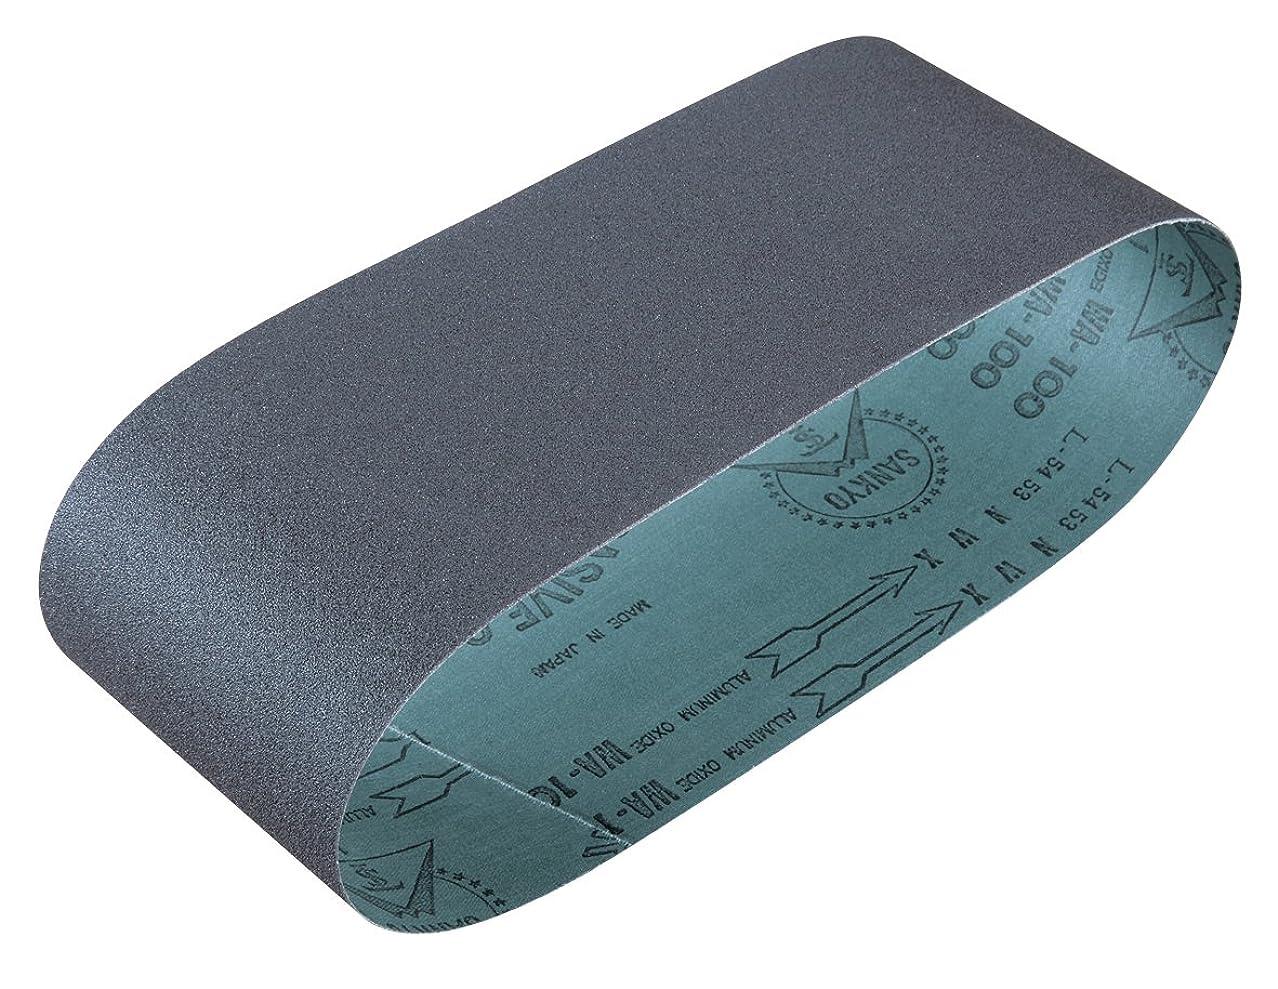 まだ信念少年マキタ(Makita) サンディングベルト #240 100×610mm 木工用 (5枚入) A-24228